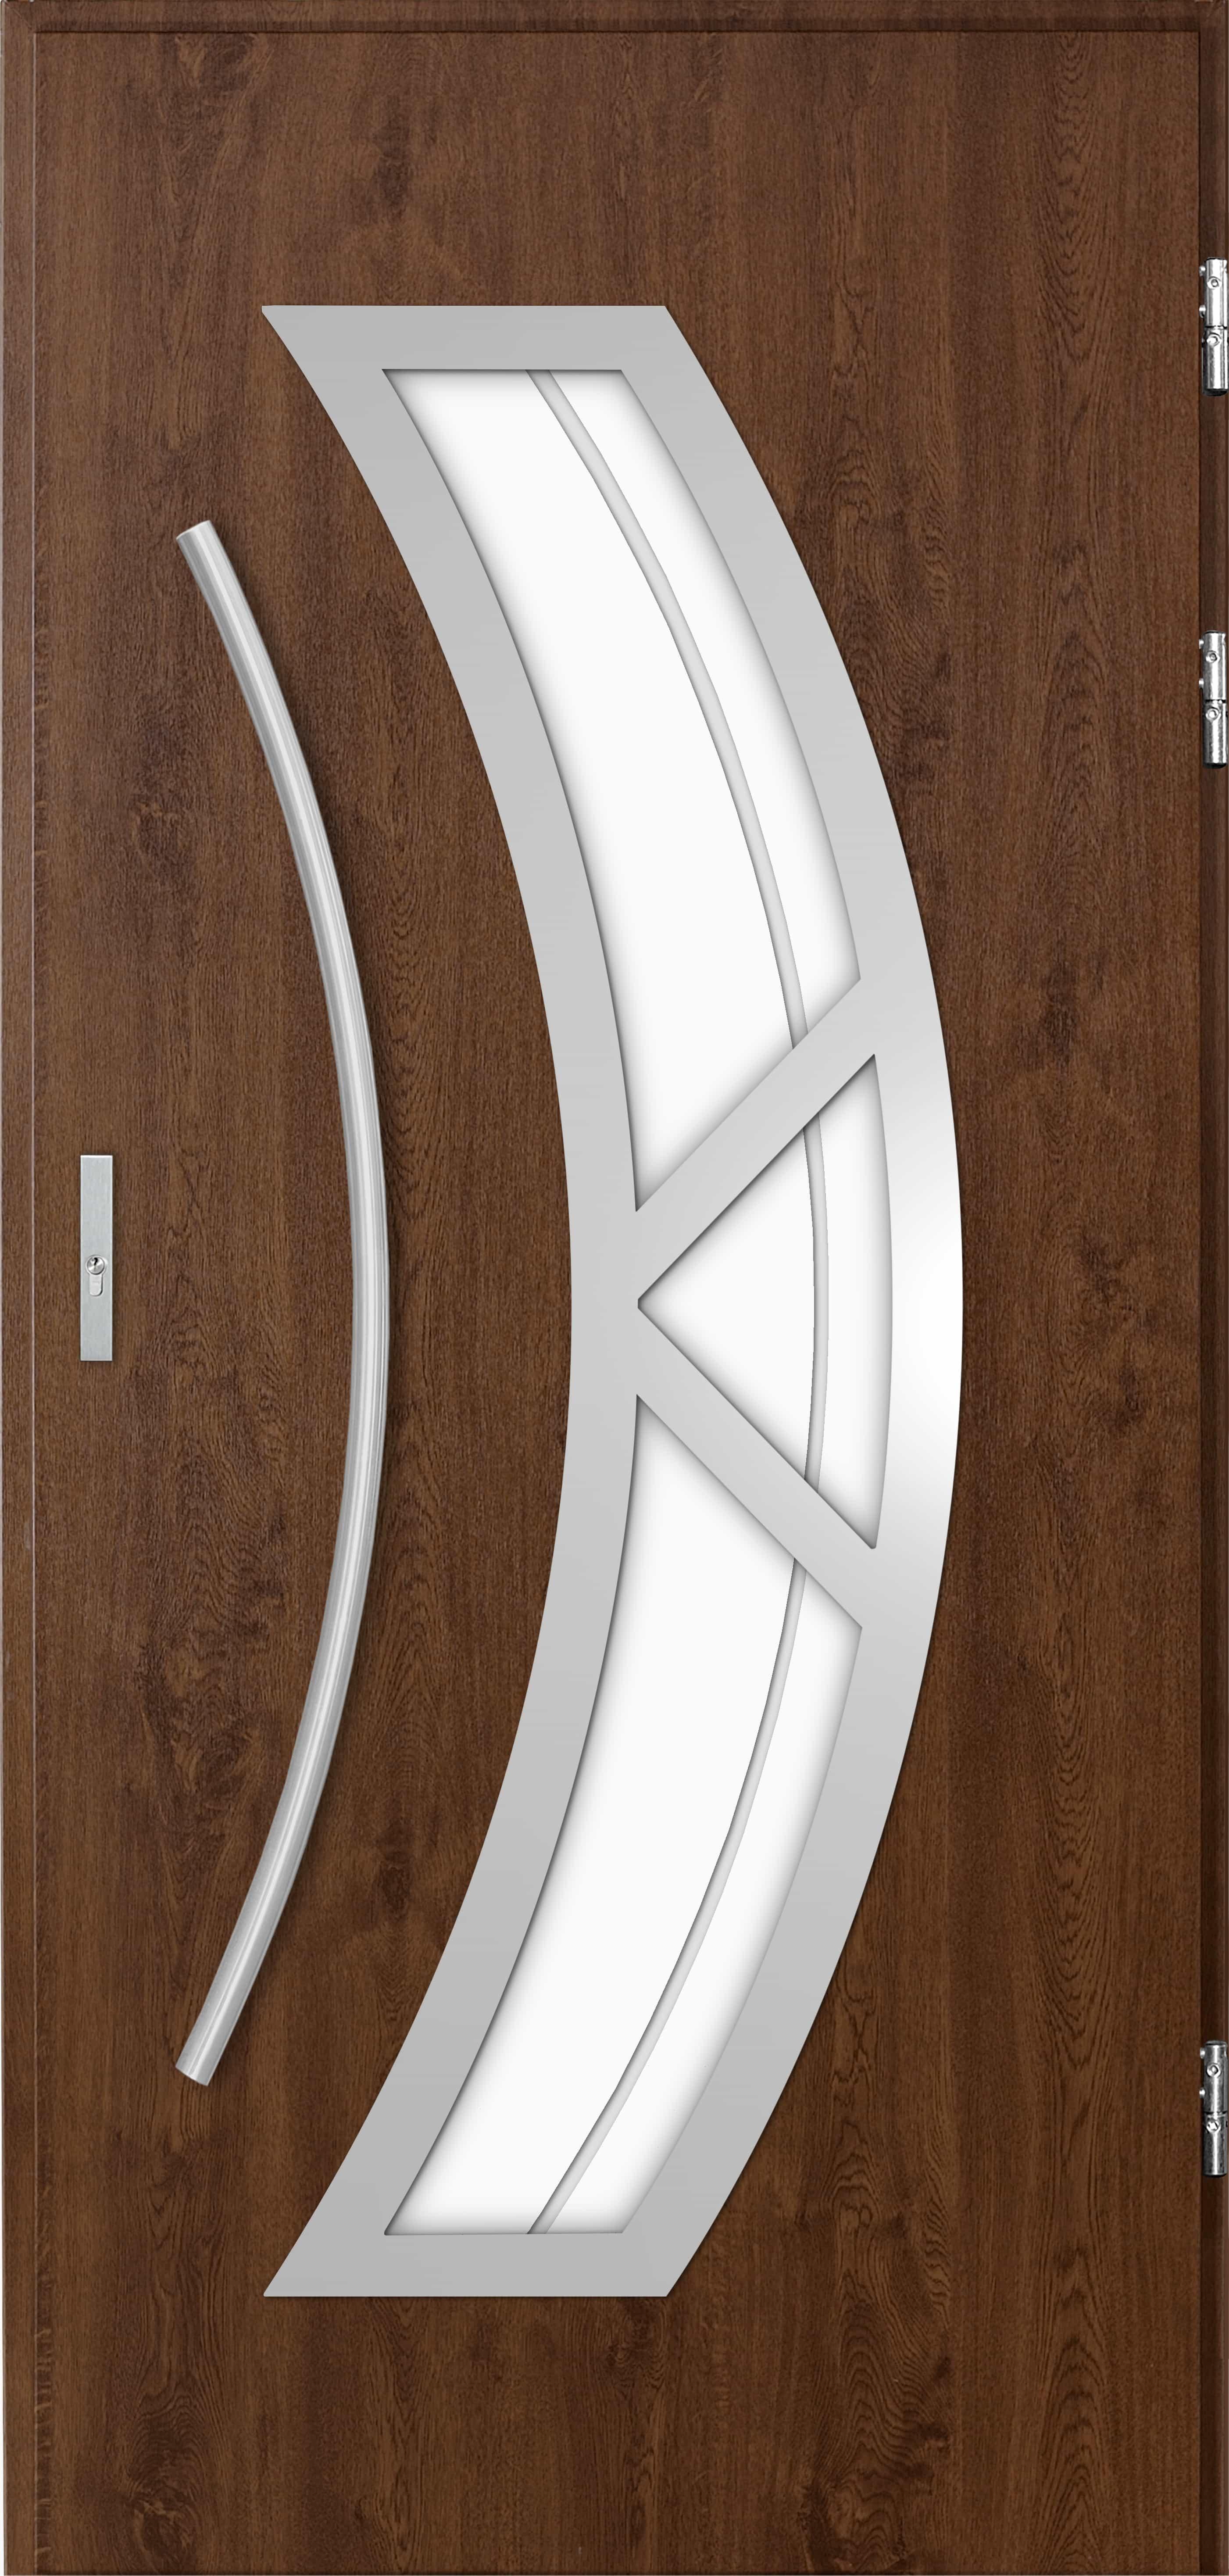 Venkovní vchodové dveøe Olivia v odstínu oøech